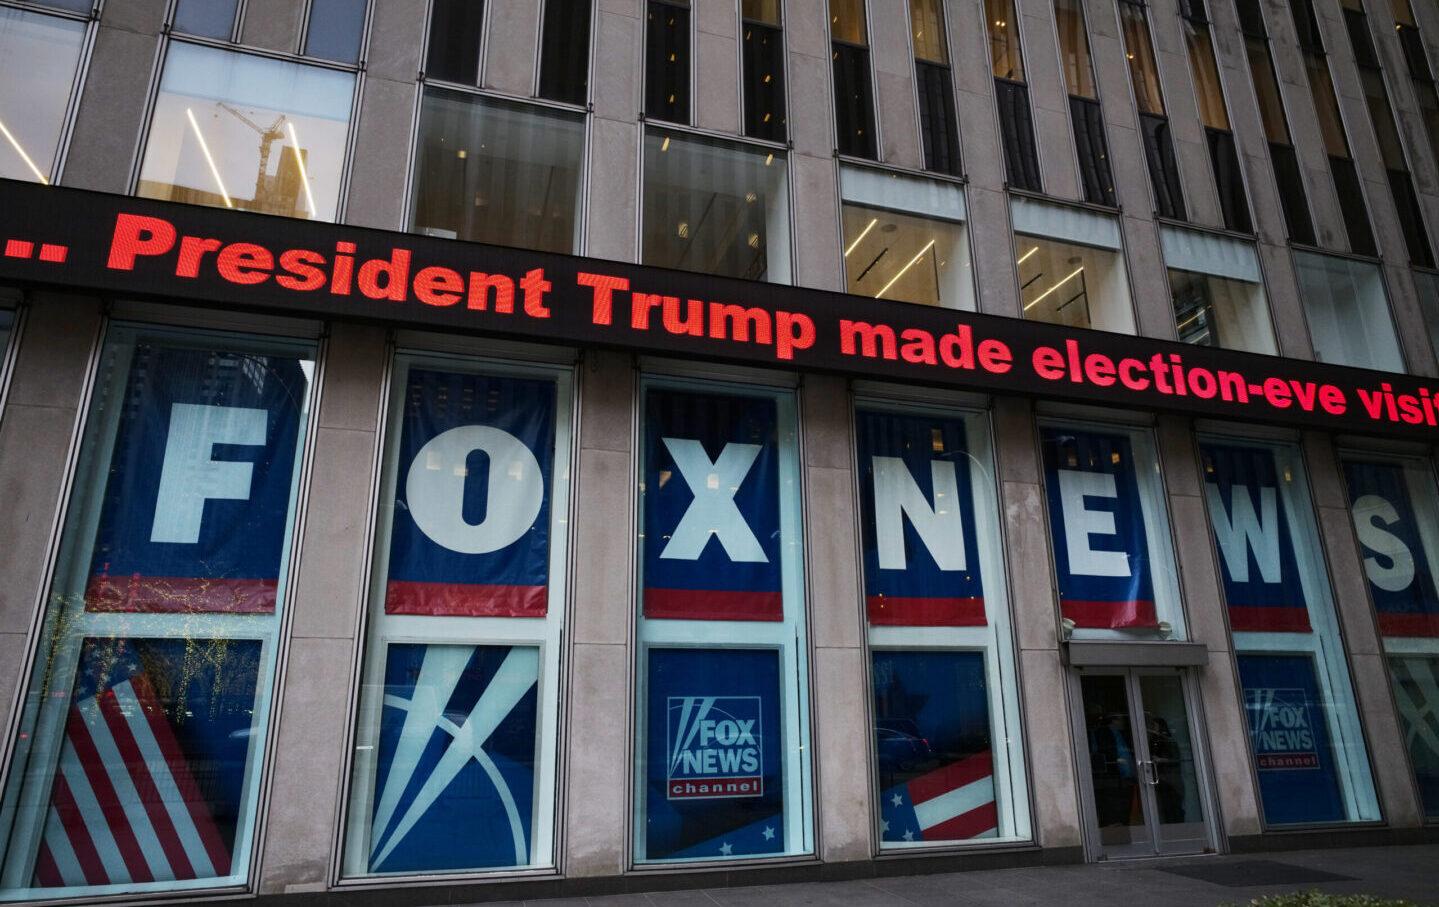 Fox-News-facade-ap